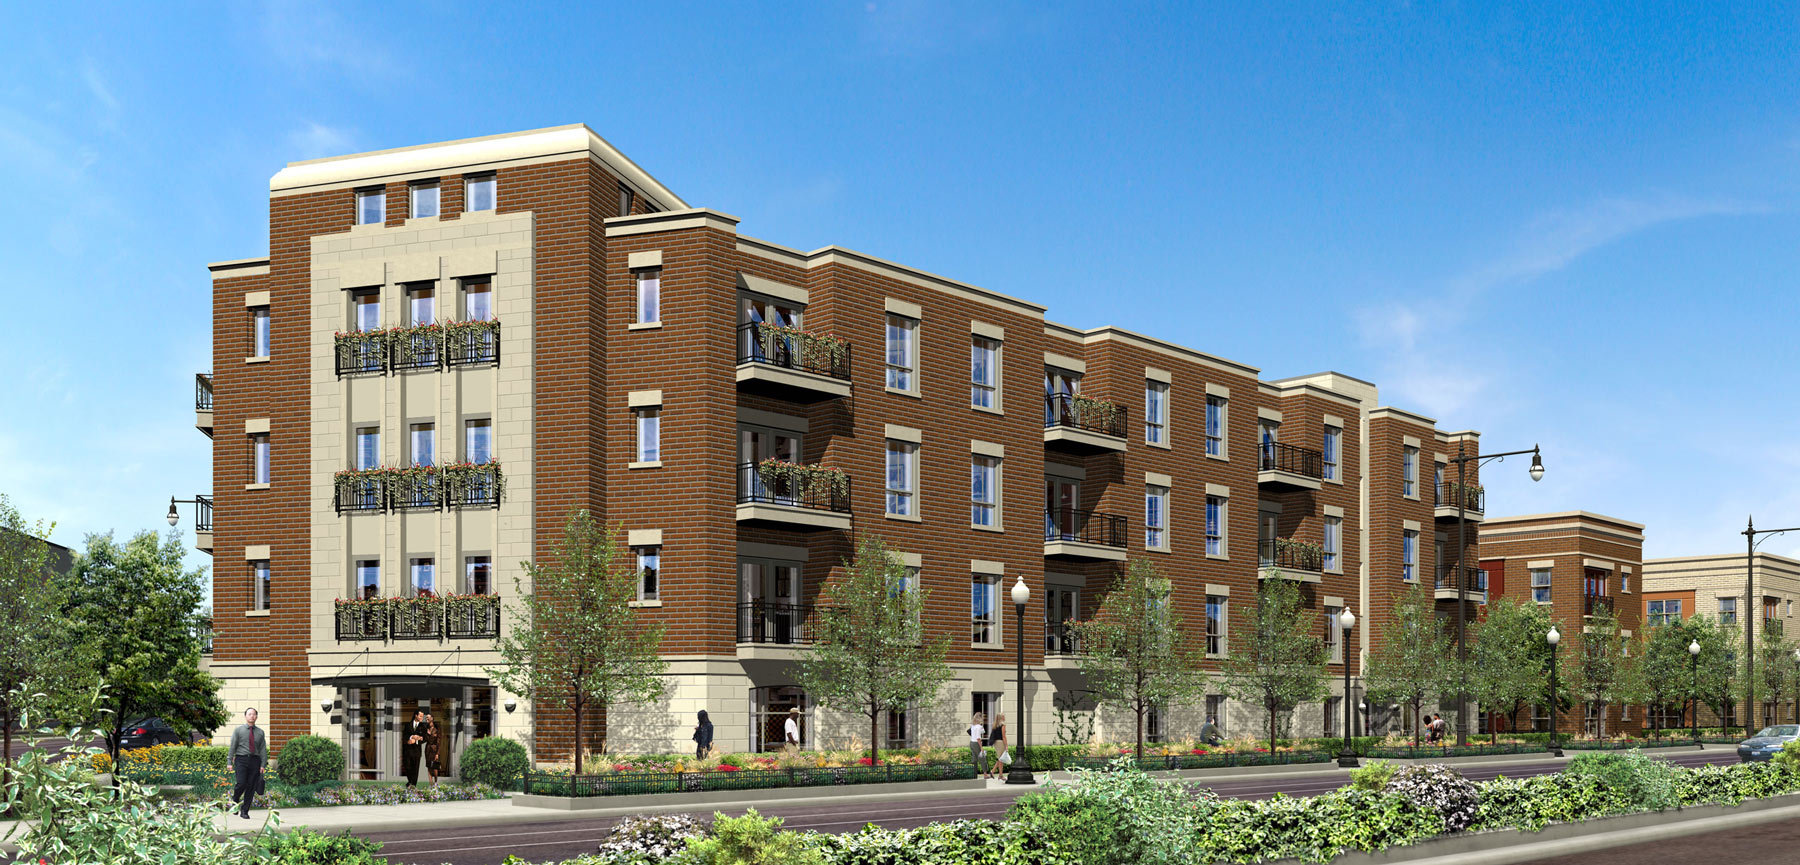 Four Story Condominiums in Chicago's Roosevelt Square - Senior Designer with DeStefano + Partners